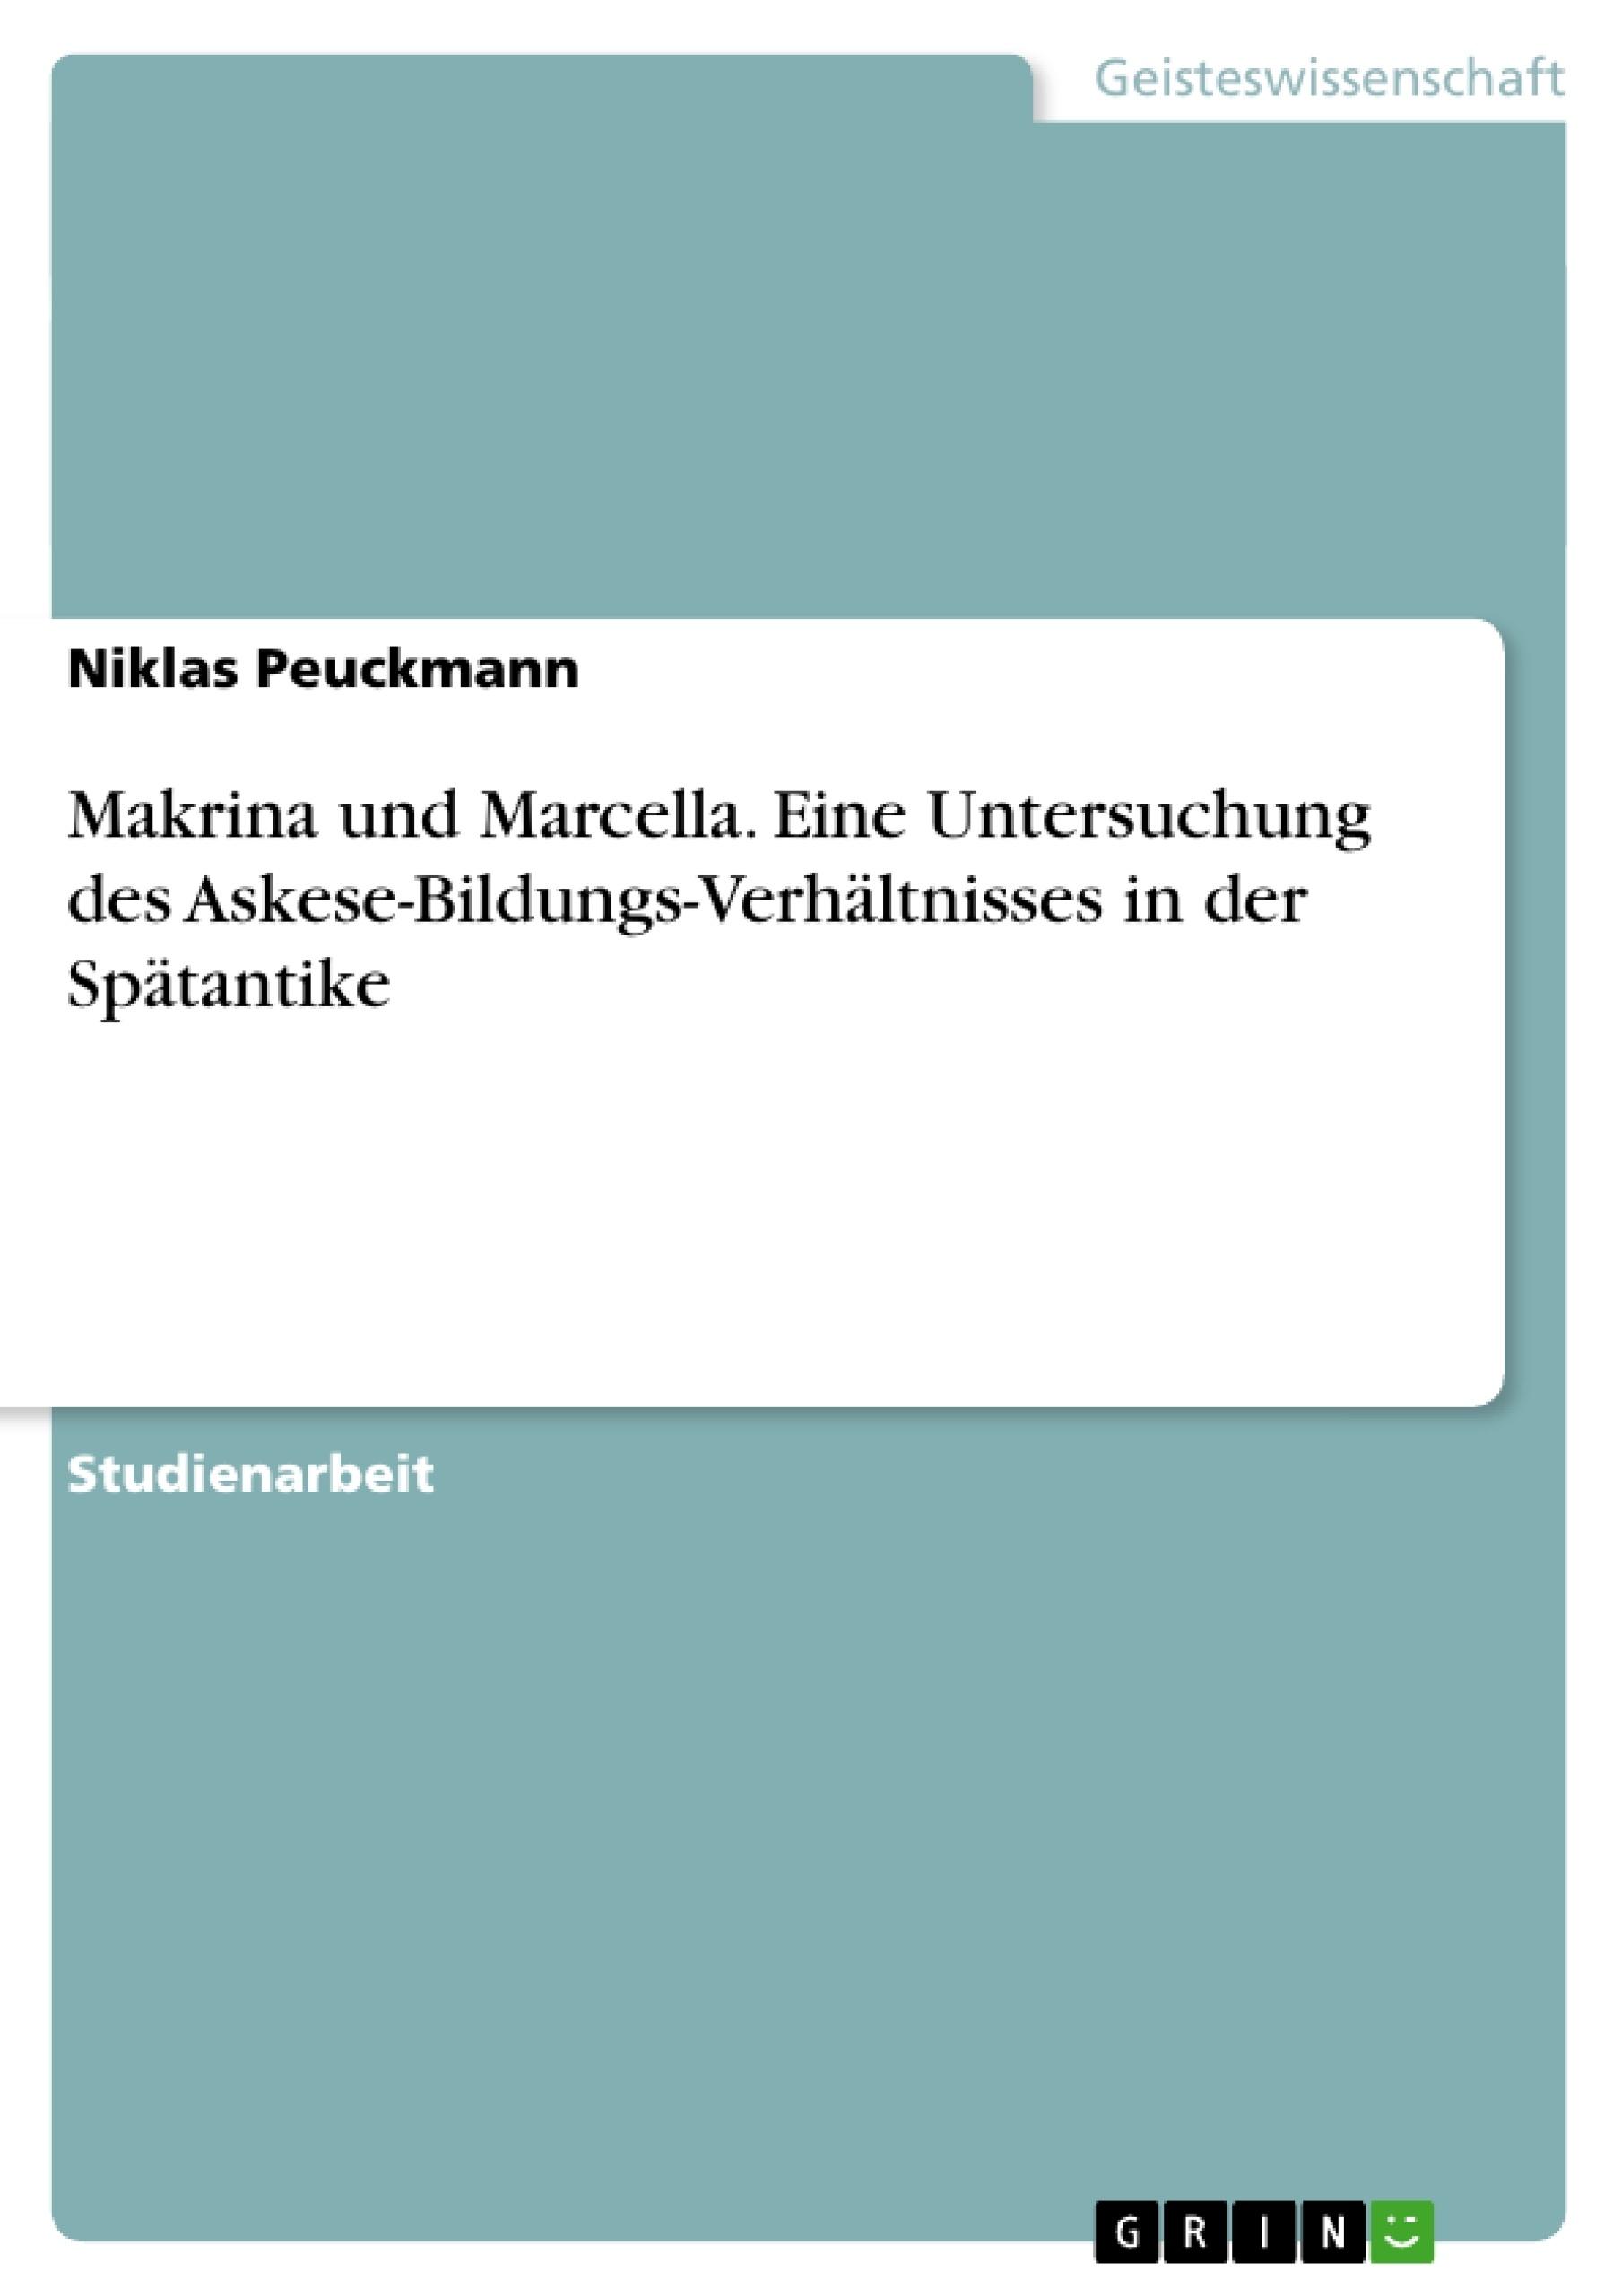 Titel: Makrina und Marcella. Eine Untersuchung des Askese-Bildungs-Verhältnisses in der Spätantike